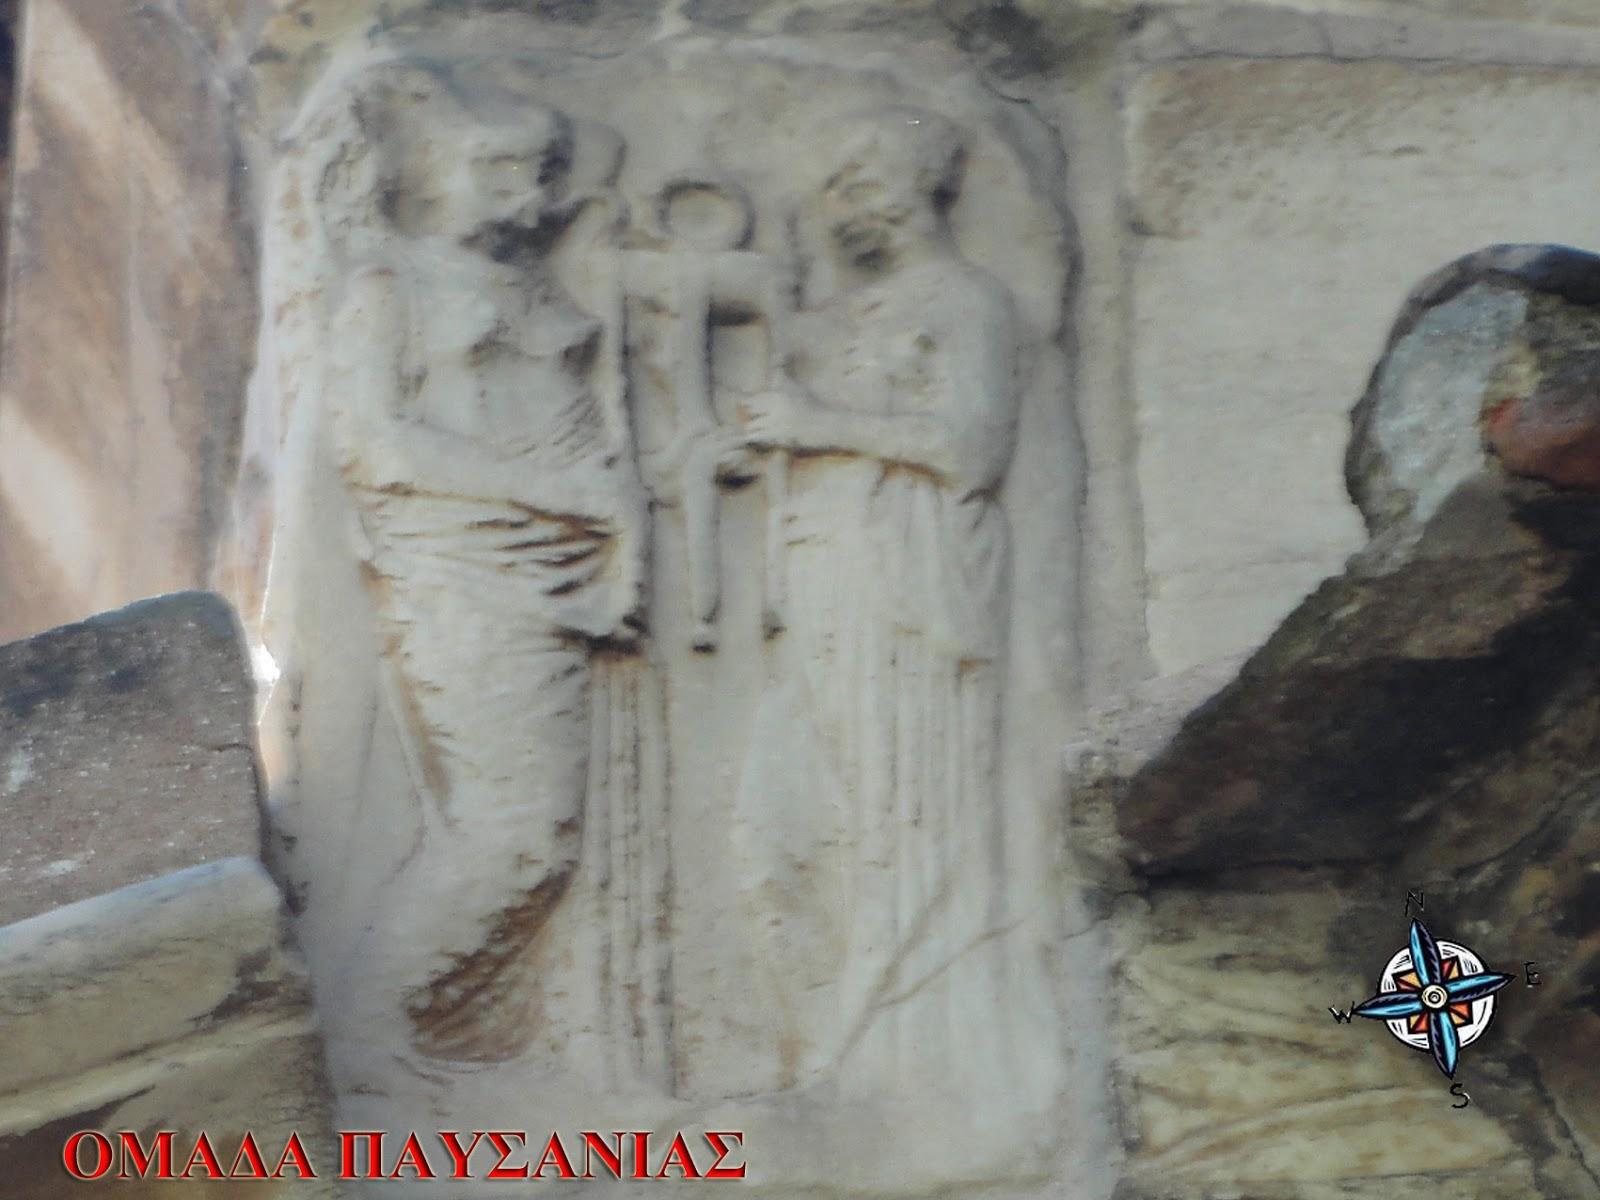 Δύο ανάγλυφα – σε ανάλογες θέσεις – με δύο μορφές που κρατούν τρίποδα